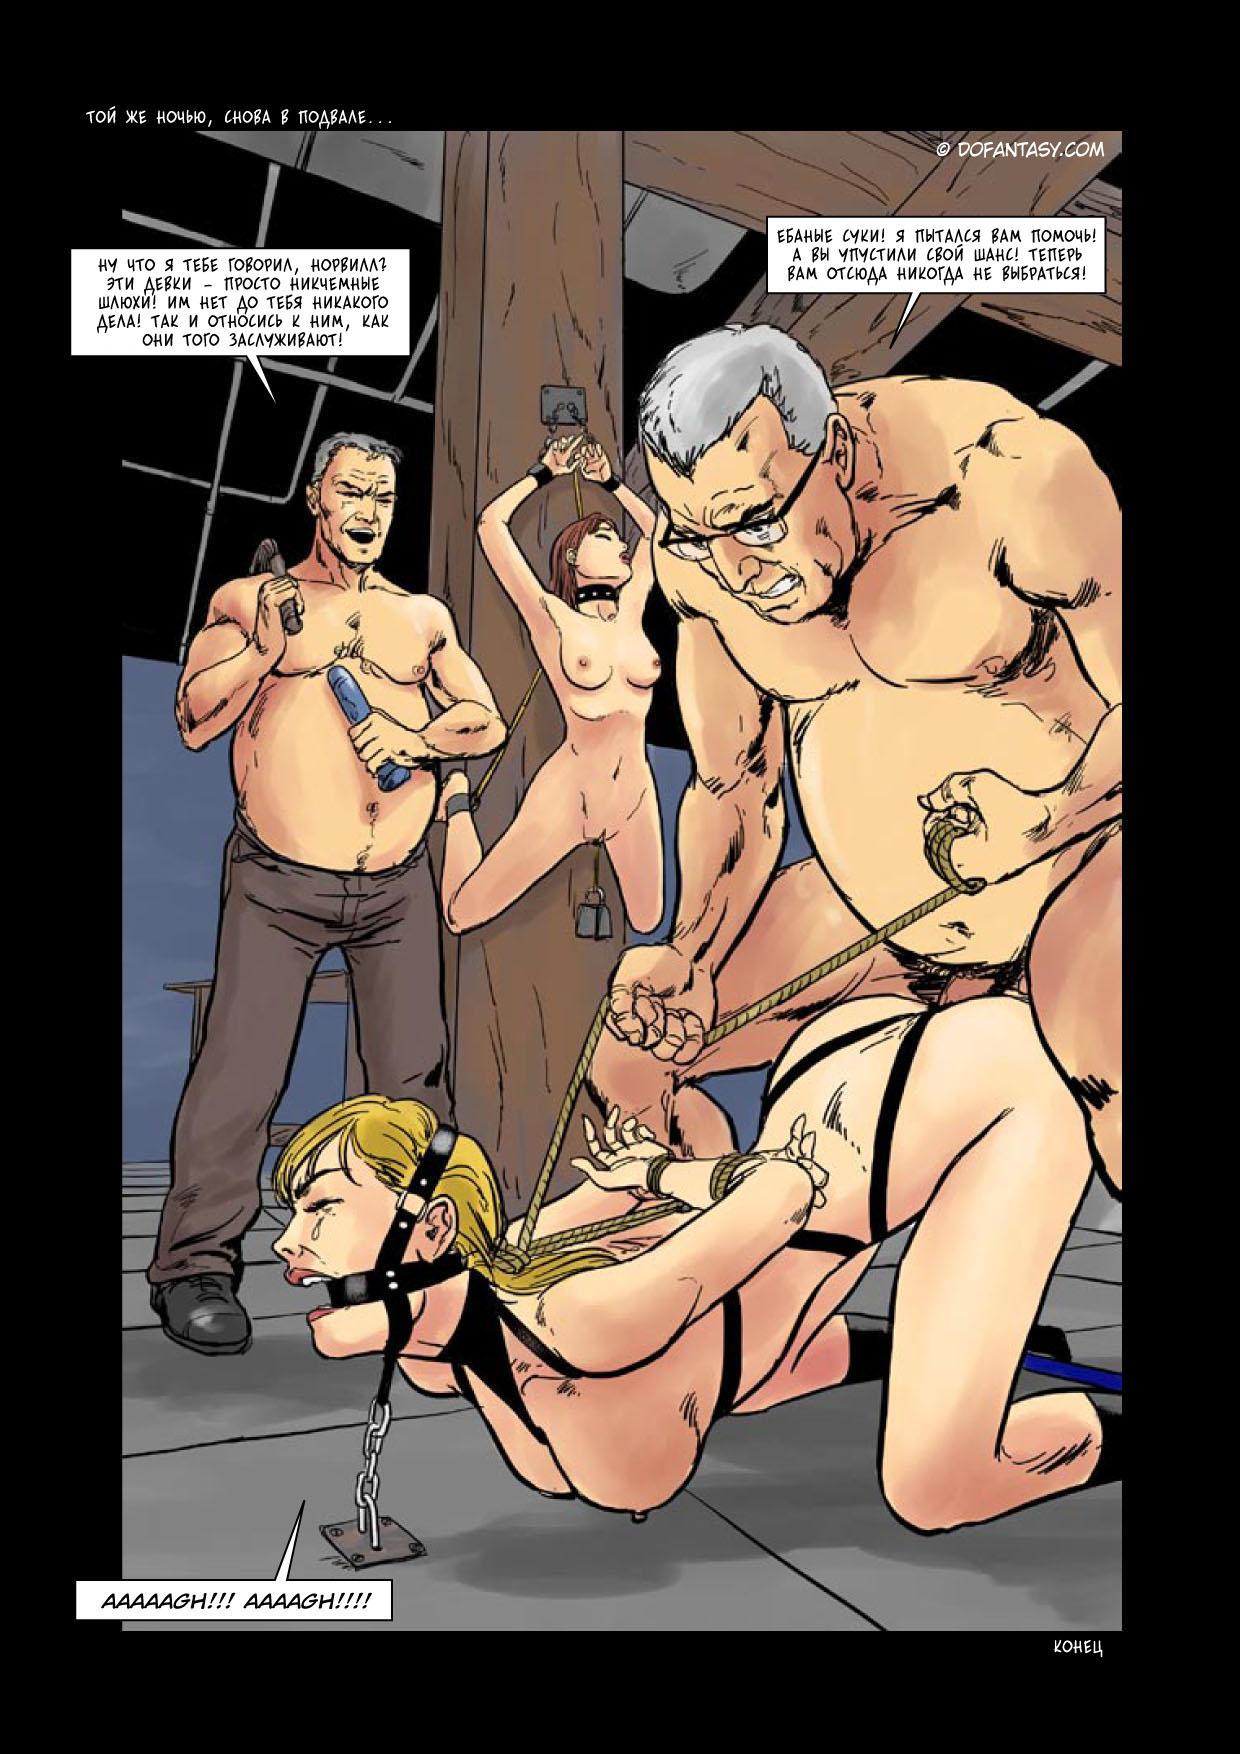 Хентай бдсм комиксы 9 фотография